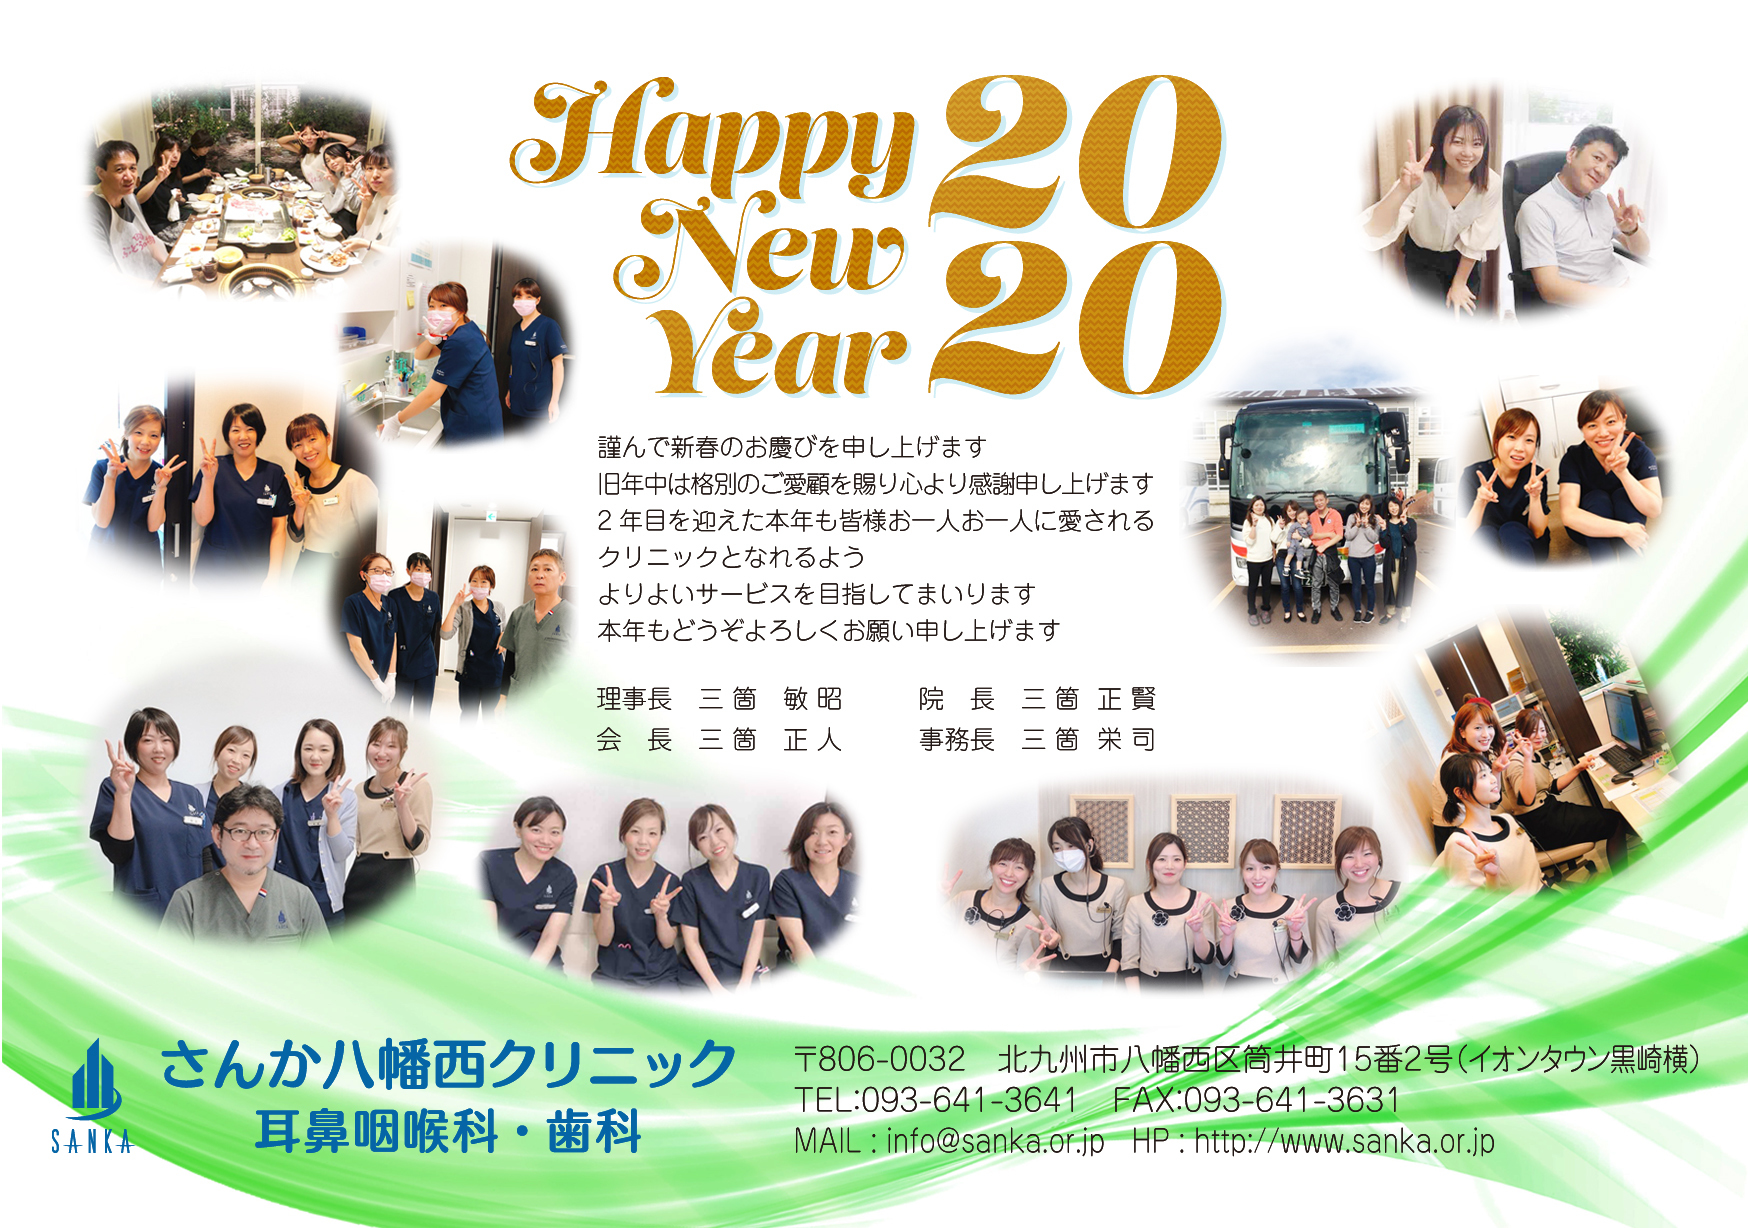 ✨✨🎍謹賀新年🎍✨✨